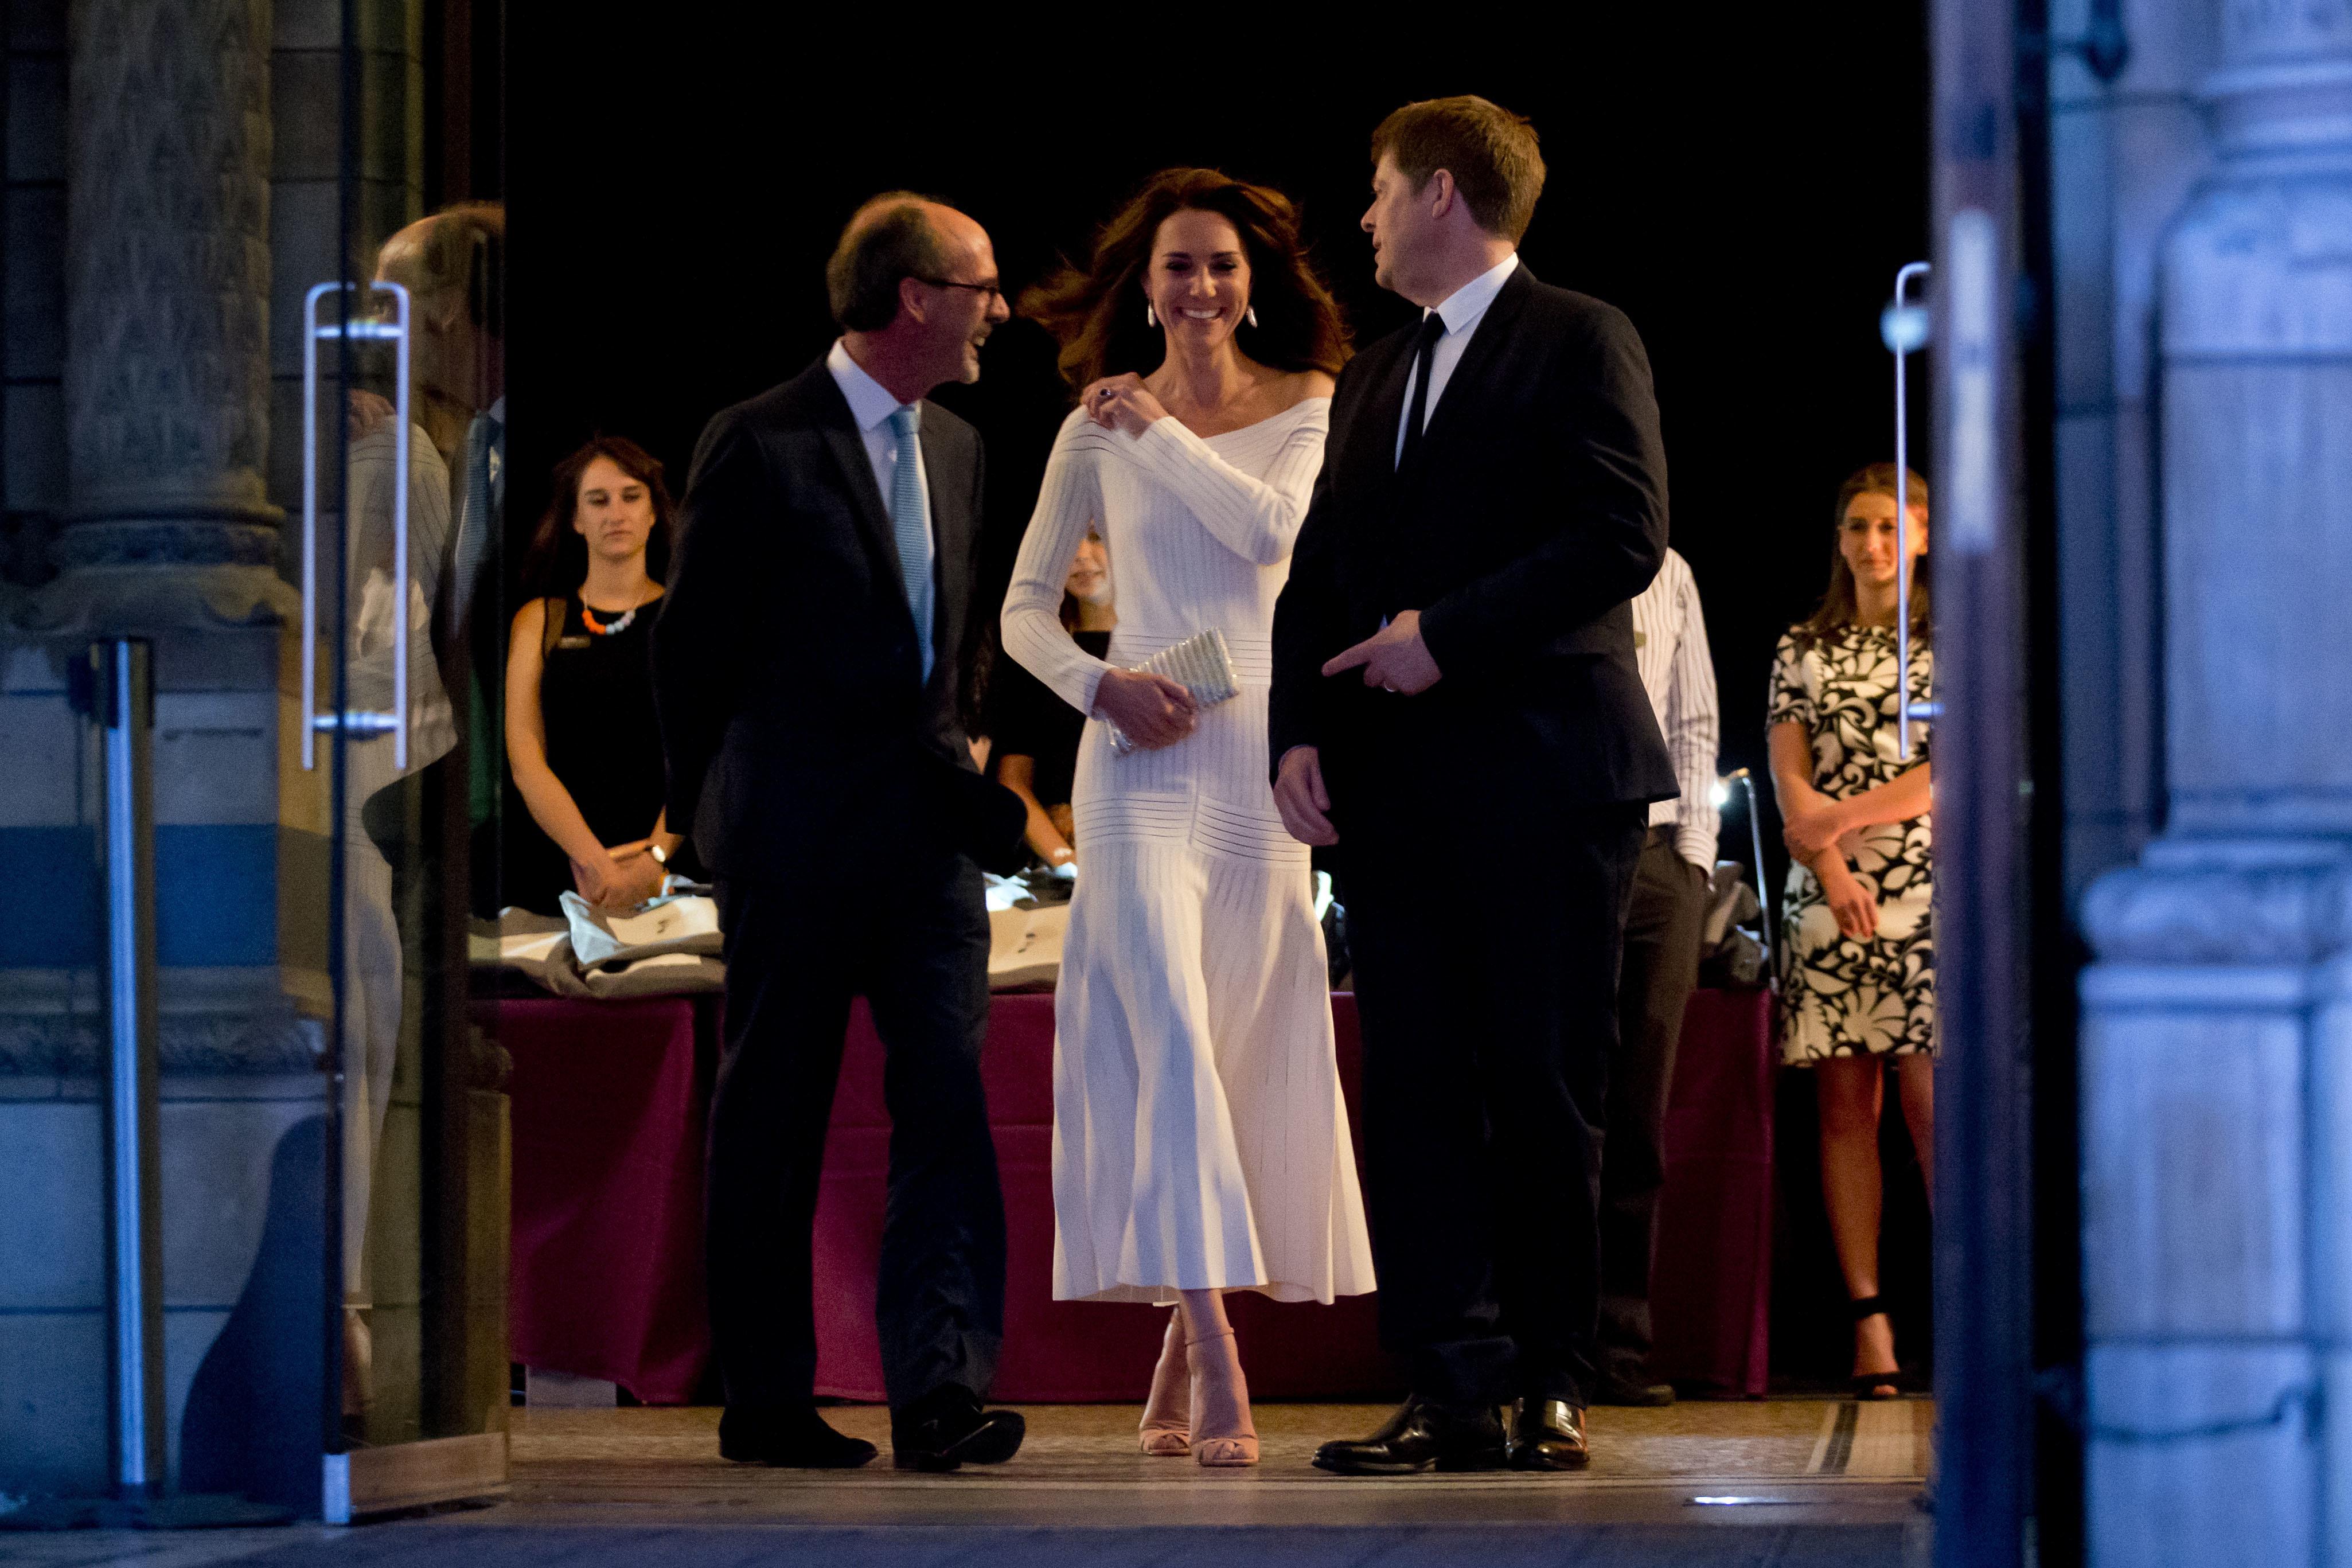 kate middleton white prom dress